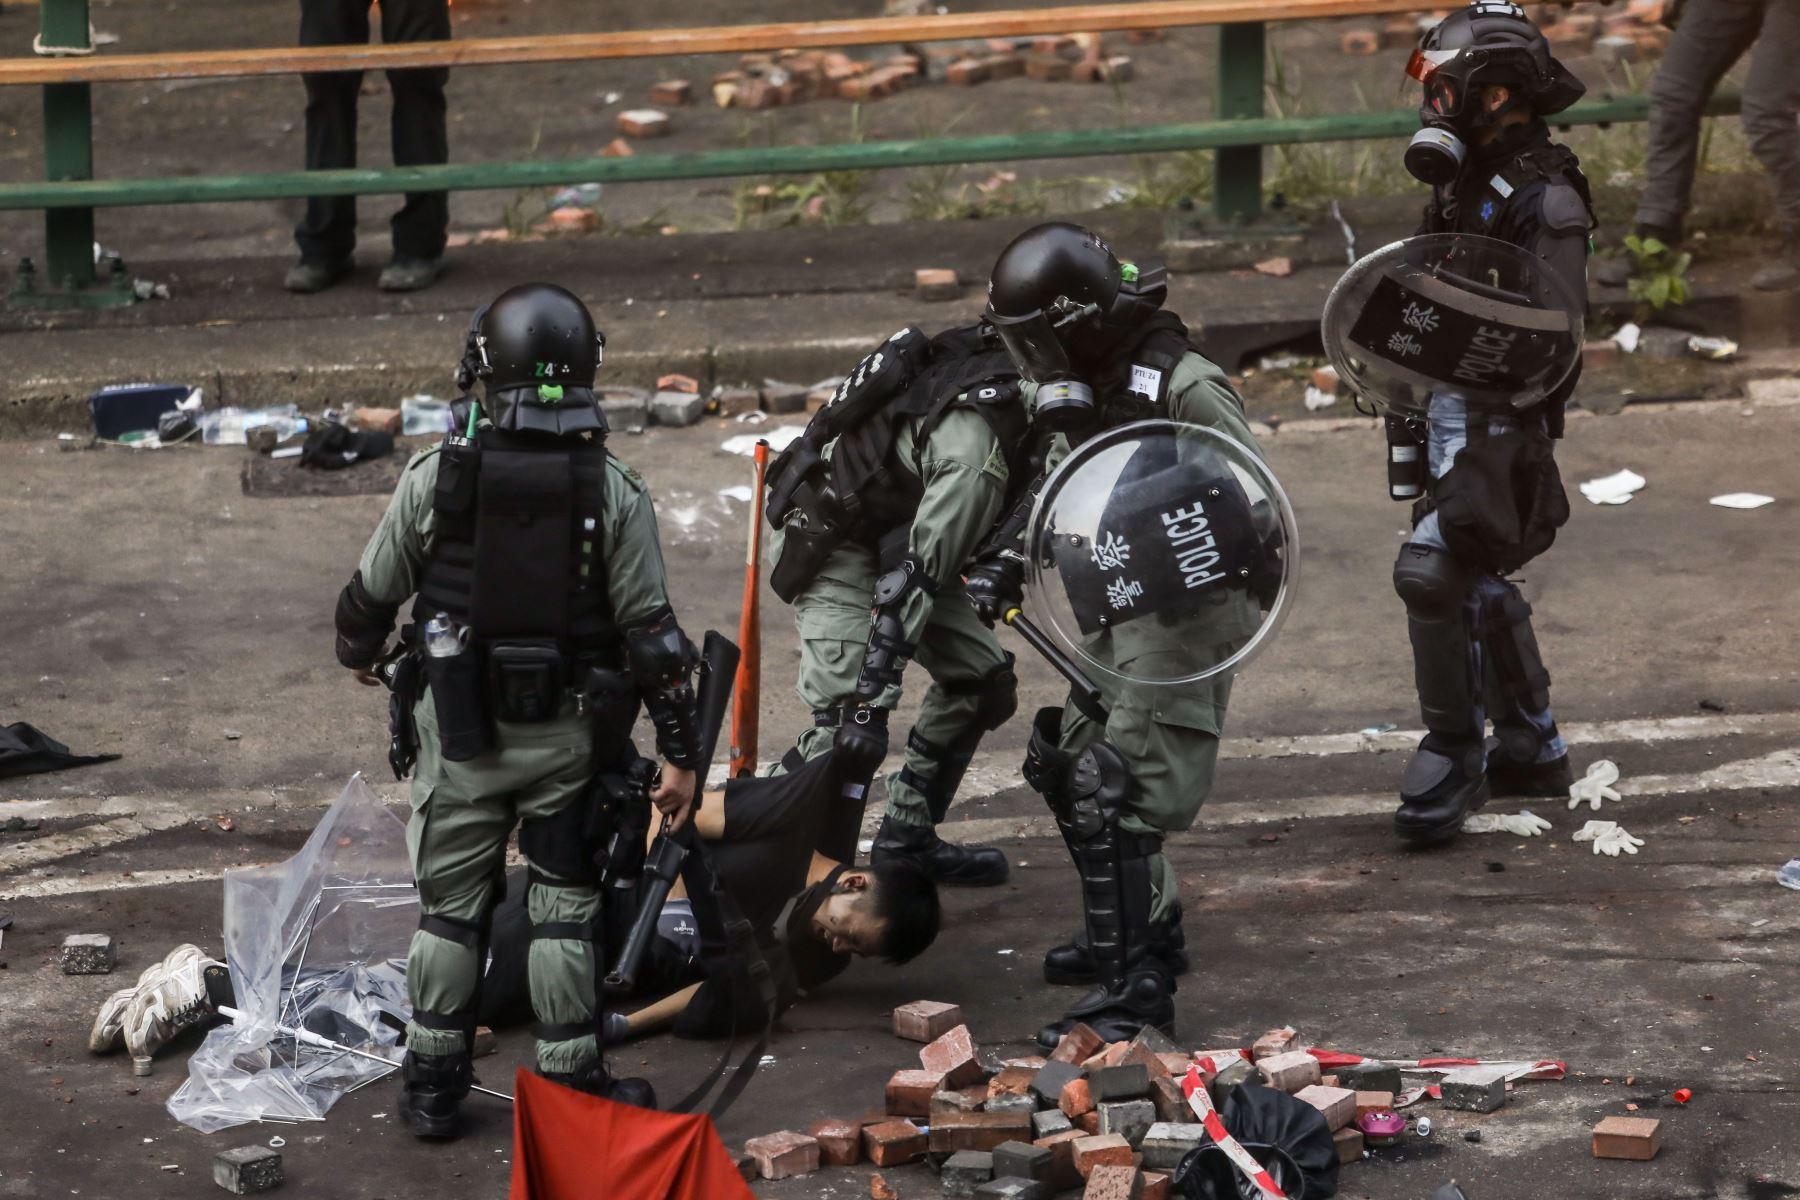 Alrededor de 60 personas fueron arrestadas en el Museo de Ciencia, cerca del campus universitario, según informó la emisora RTHK. Foto: AFP